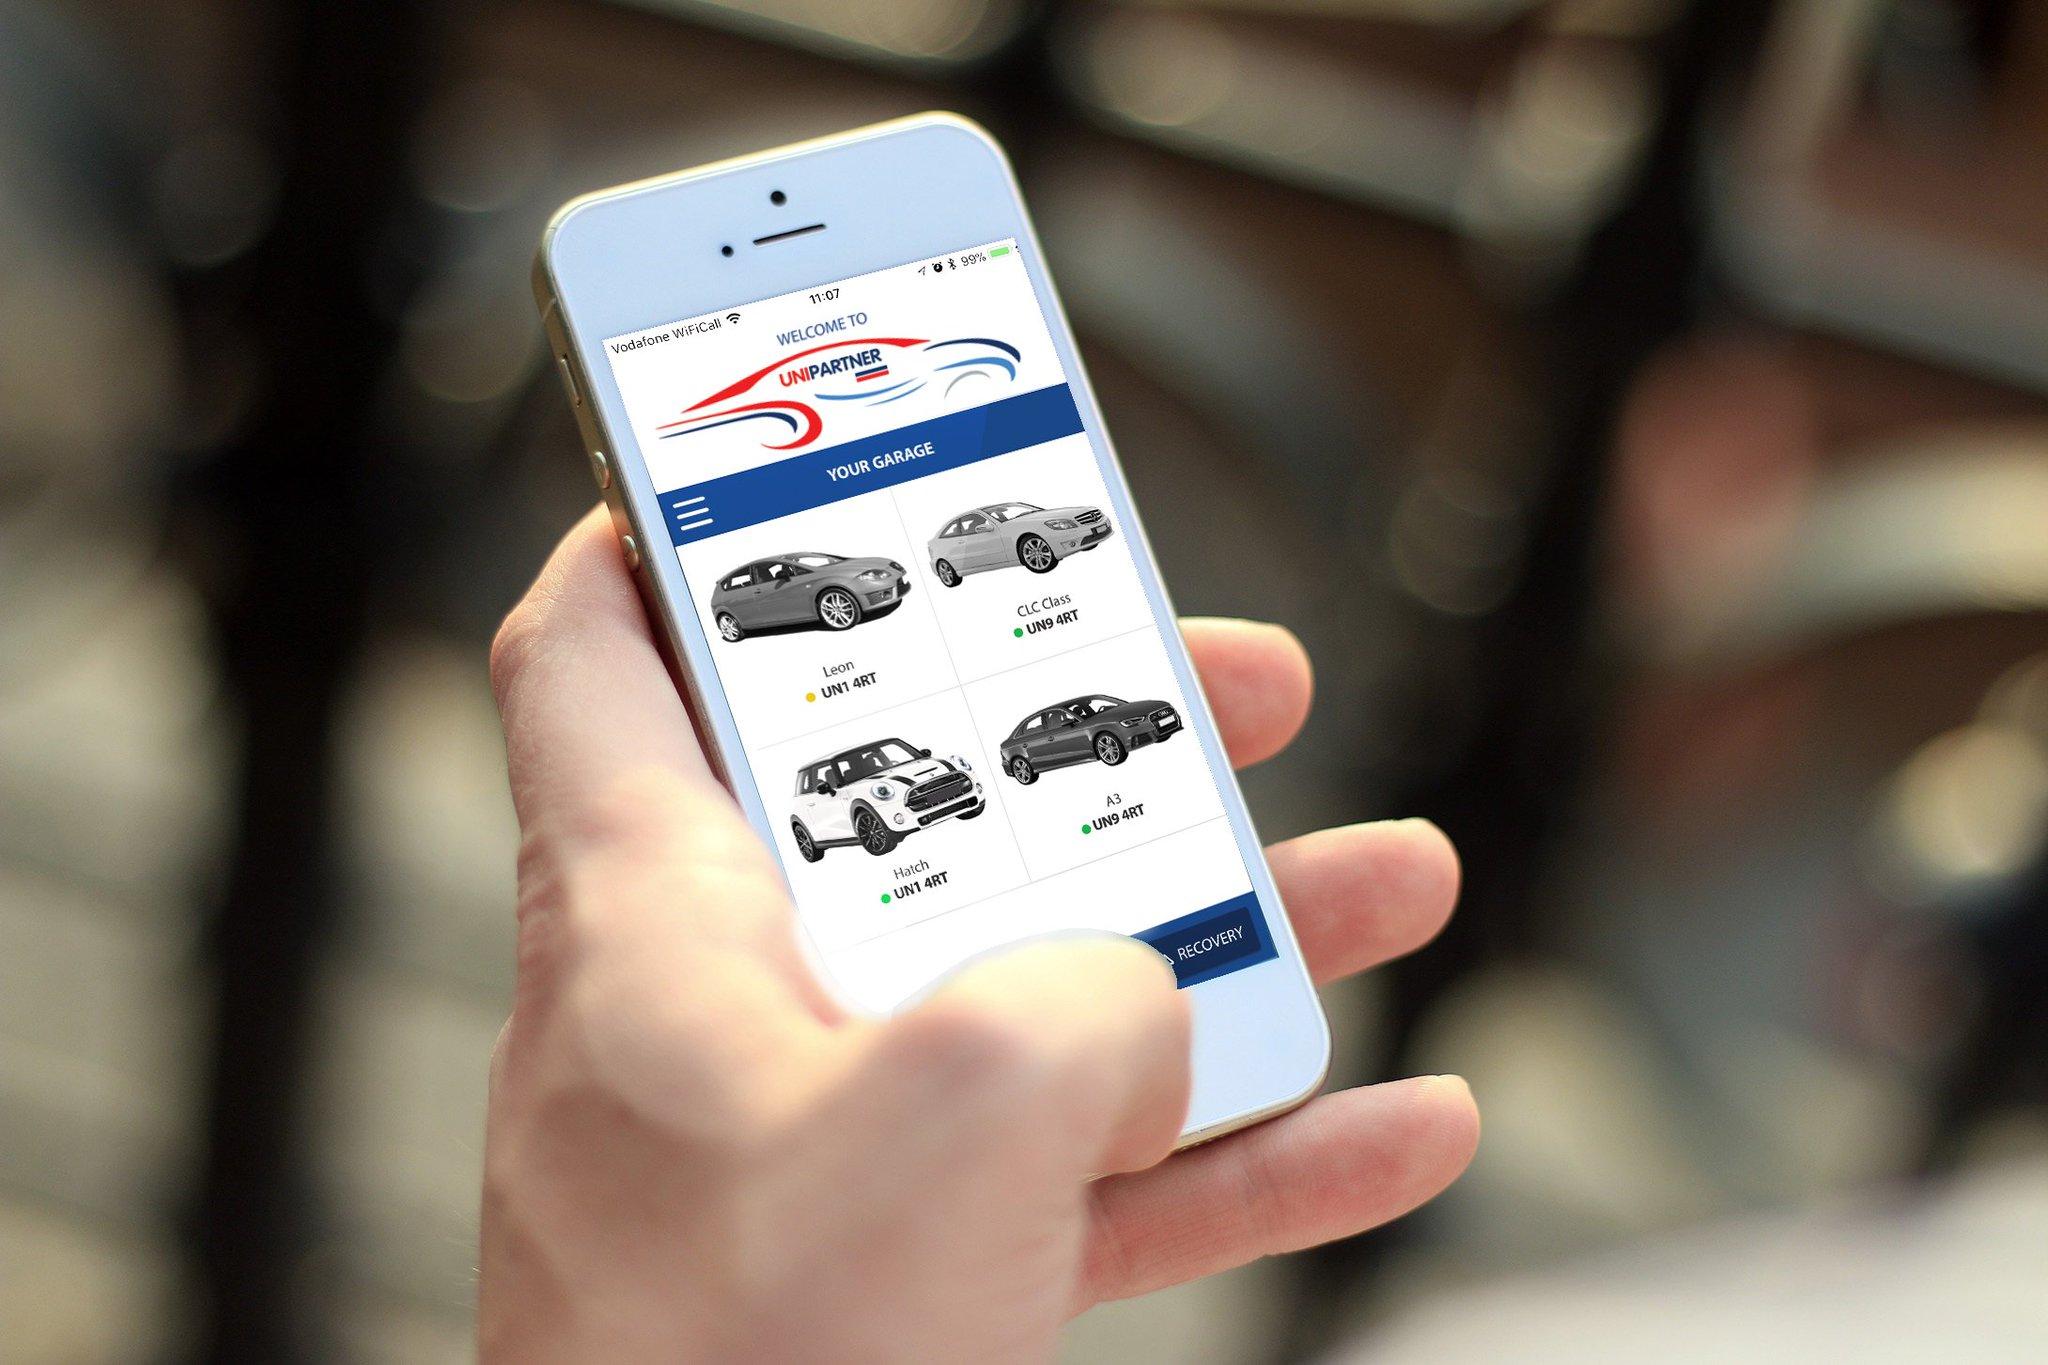 Unipart App